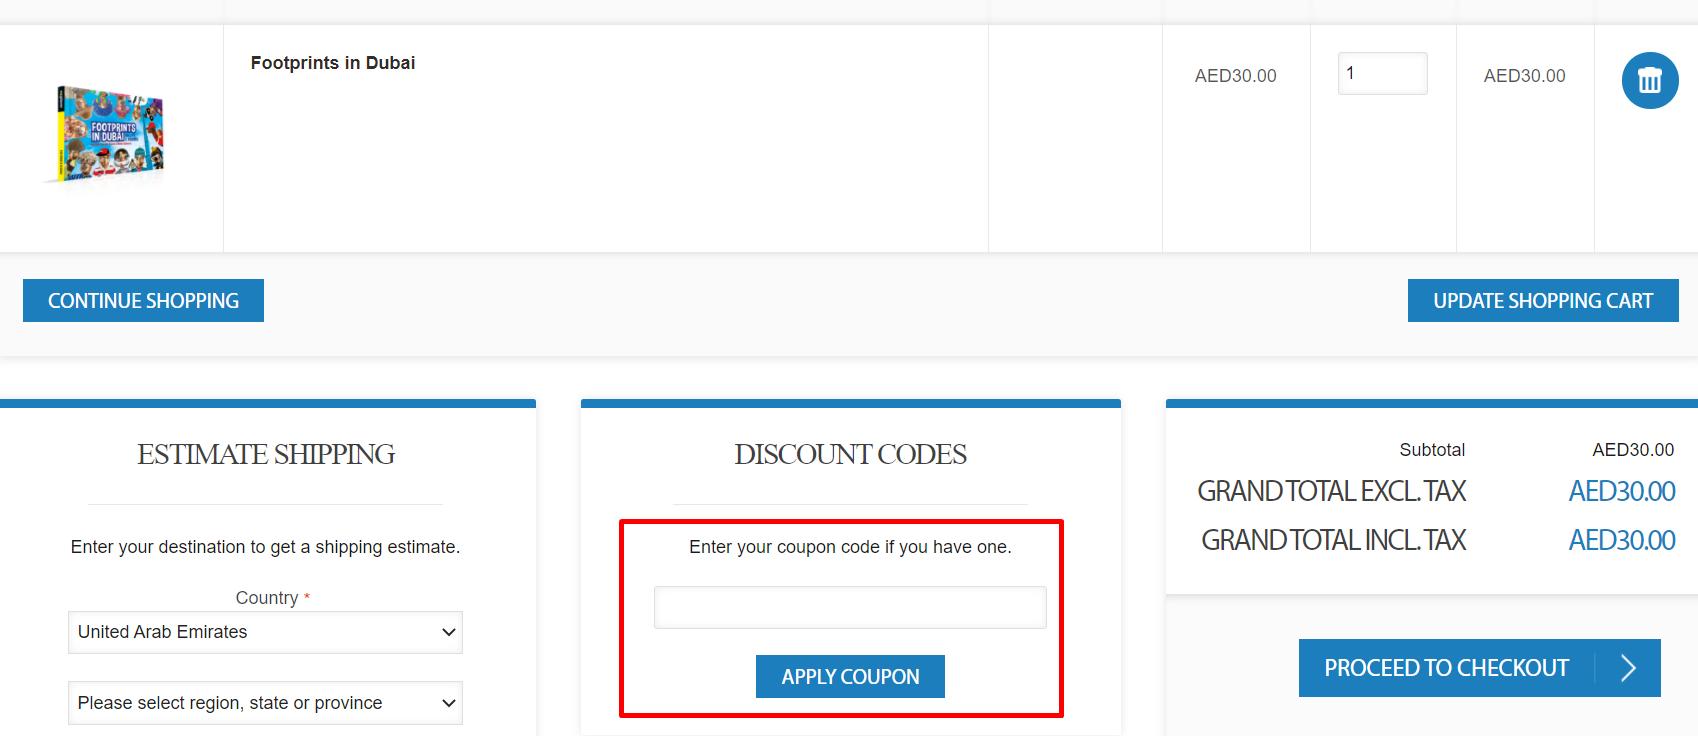 How do I use my Explorer discount code?